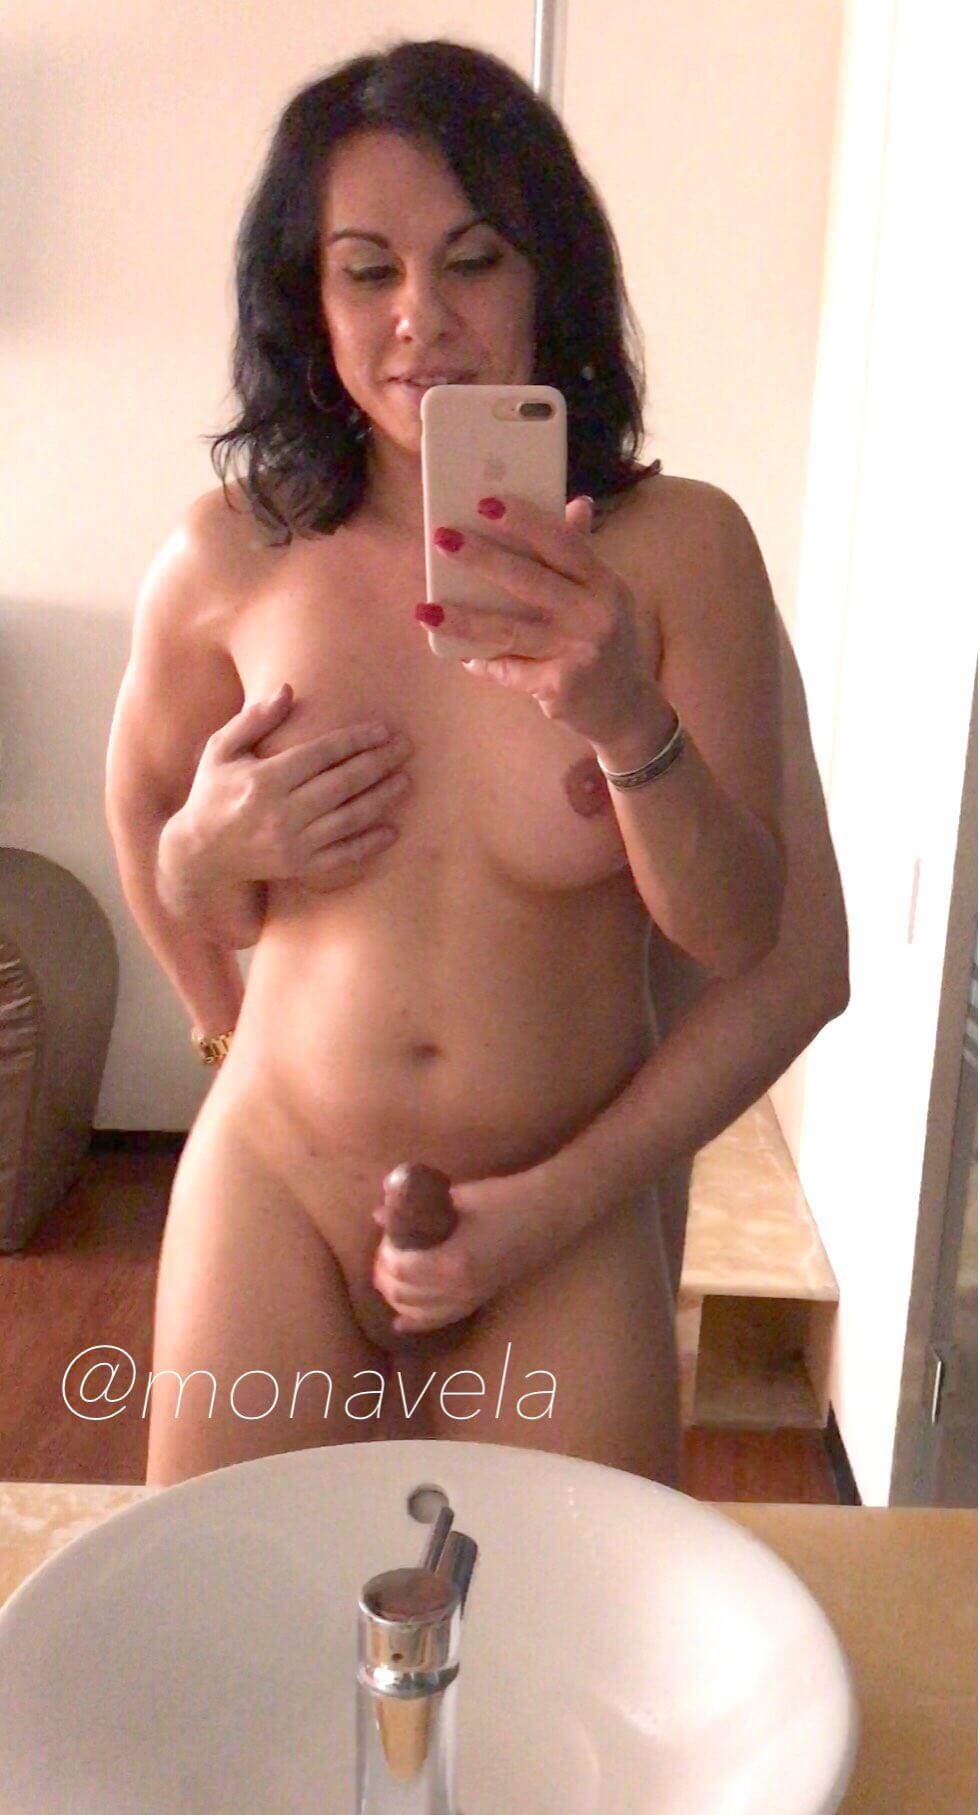 monavela xxx